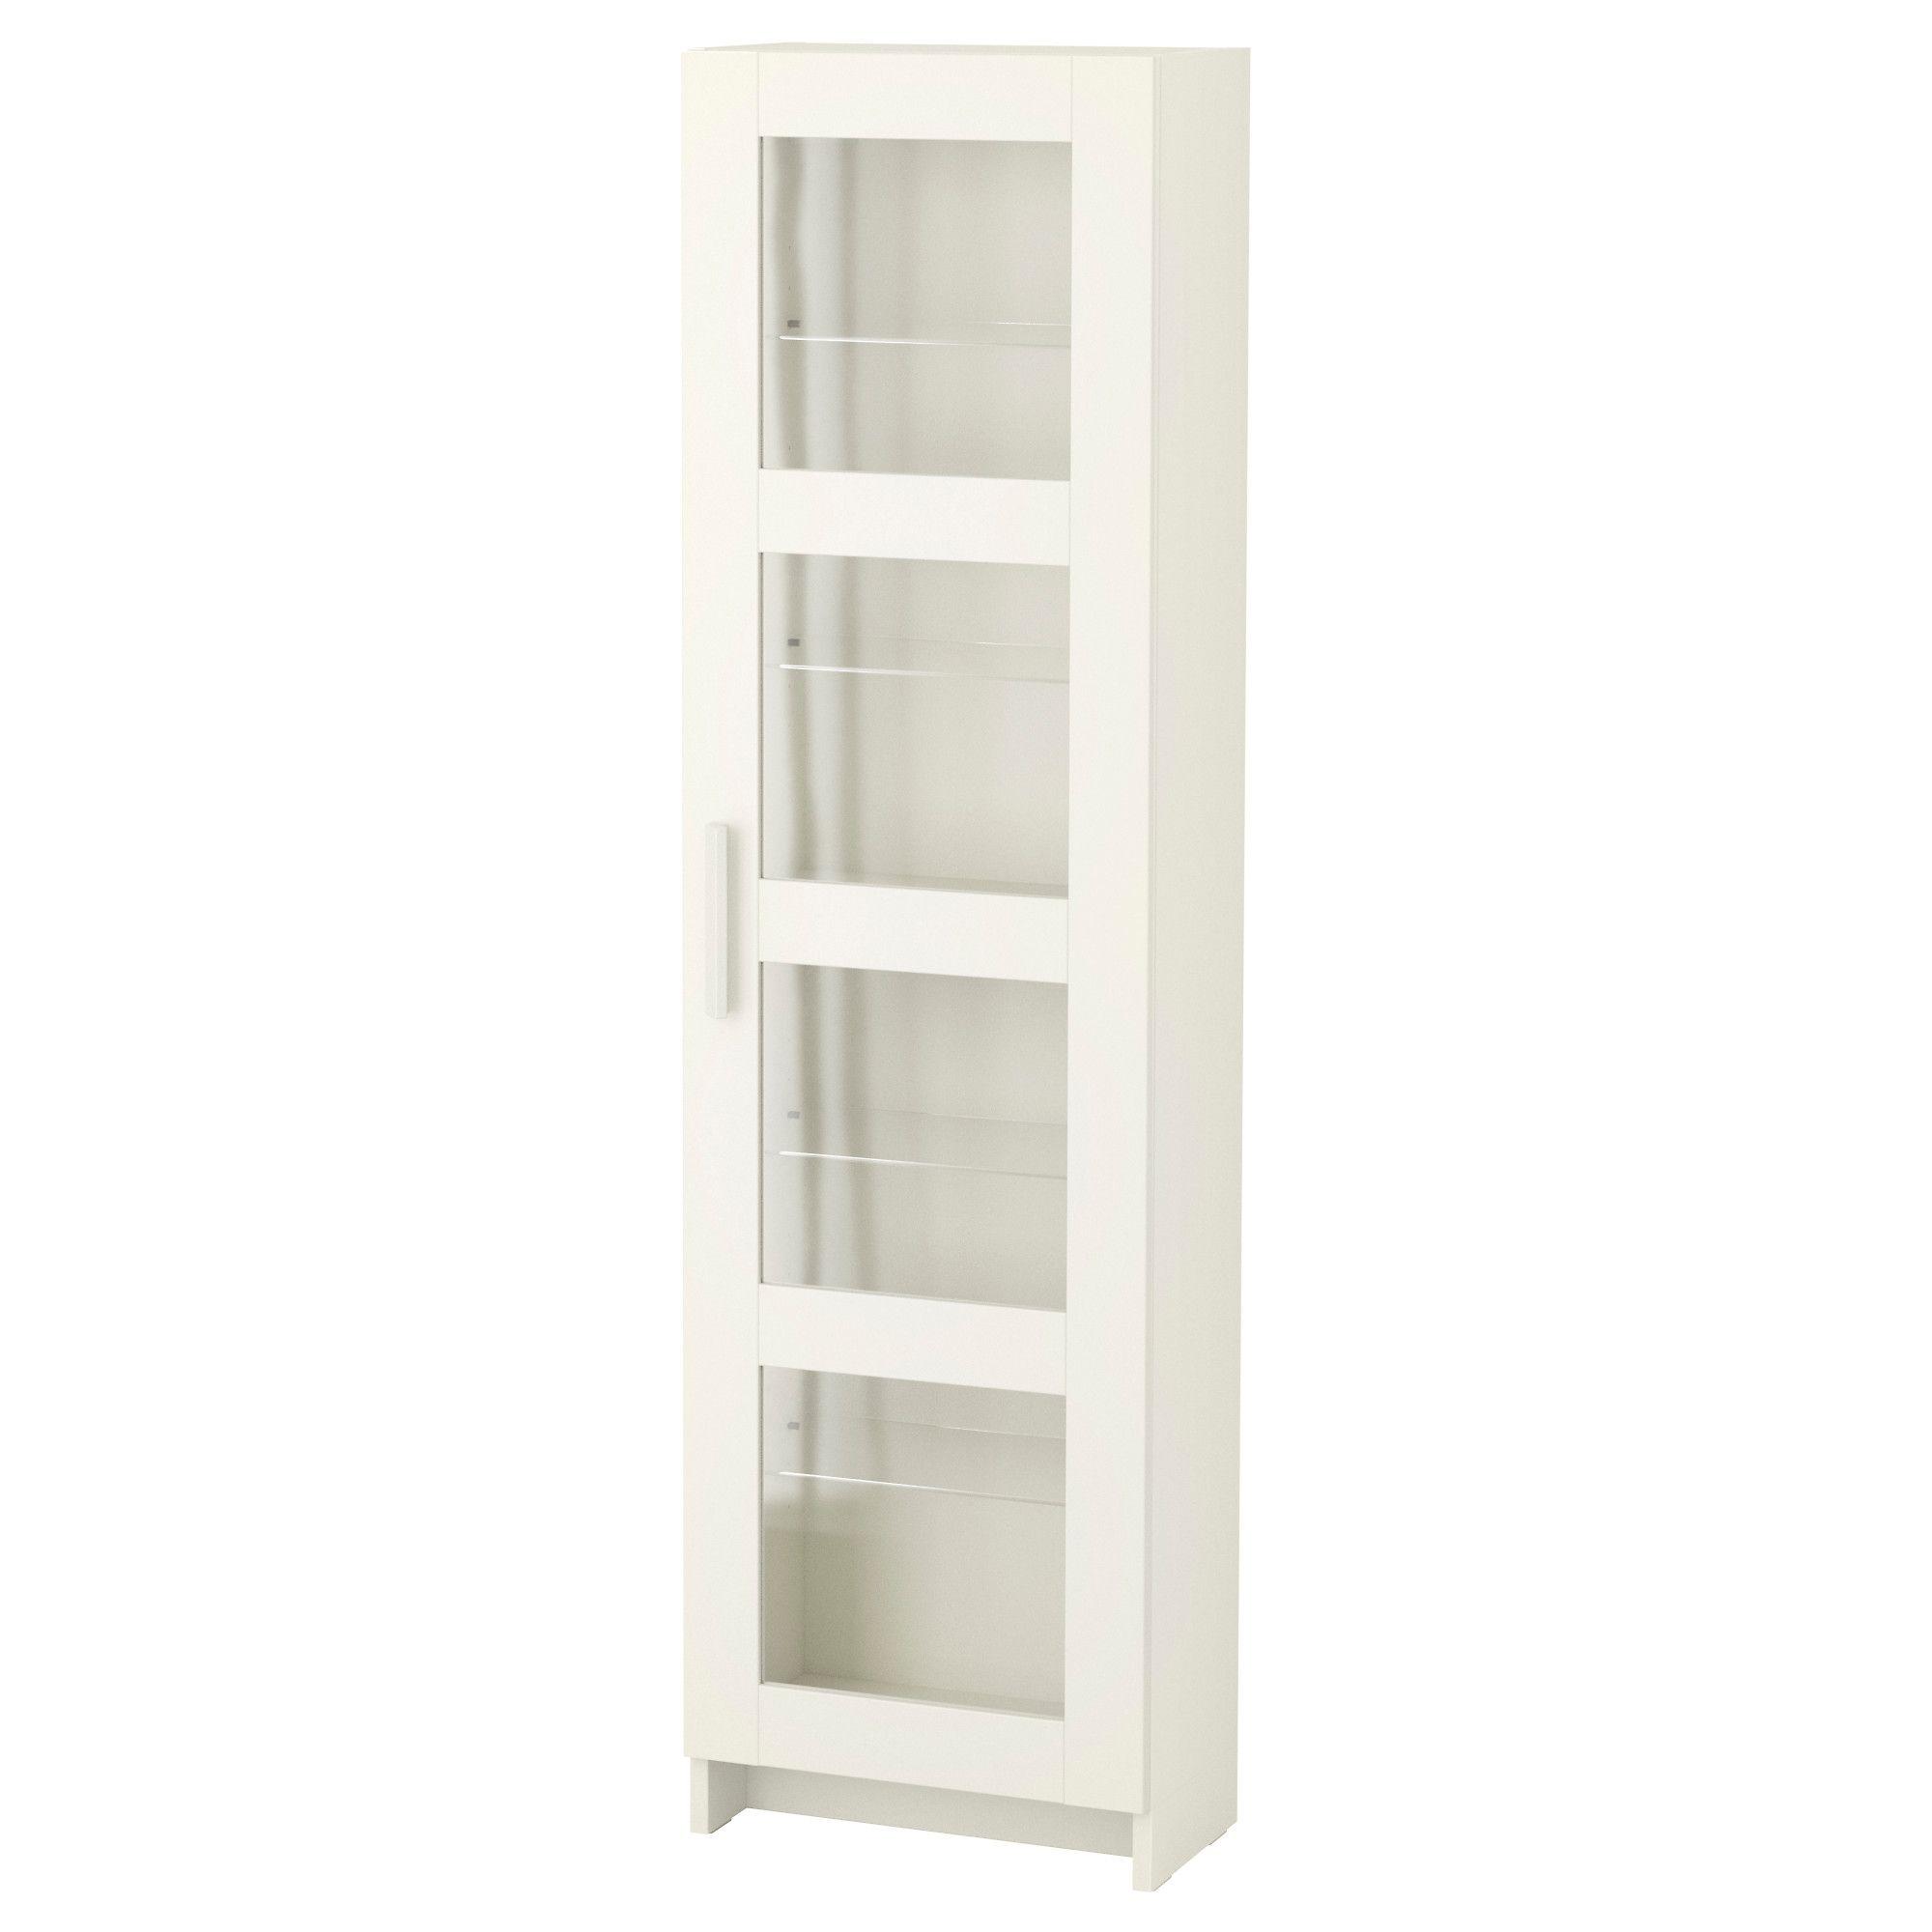 Möbel Einrichtungsideen Für Dein Zuhause Zimmer Schrank